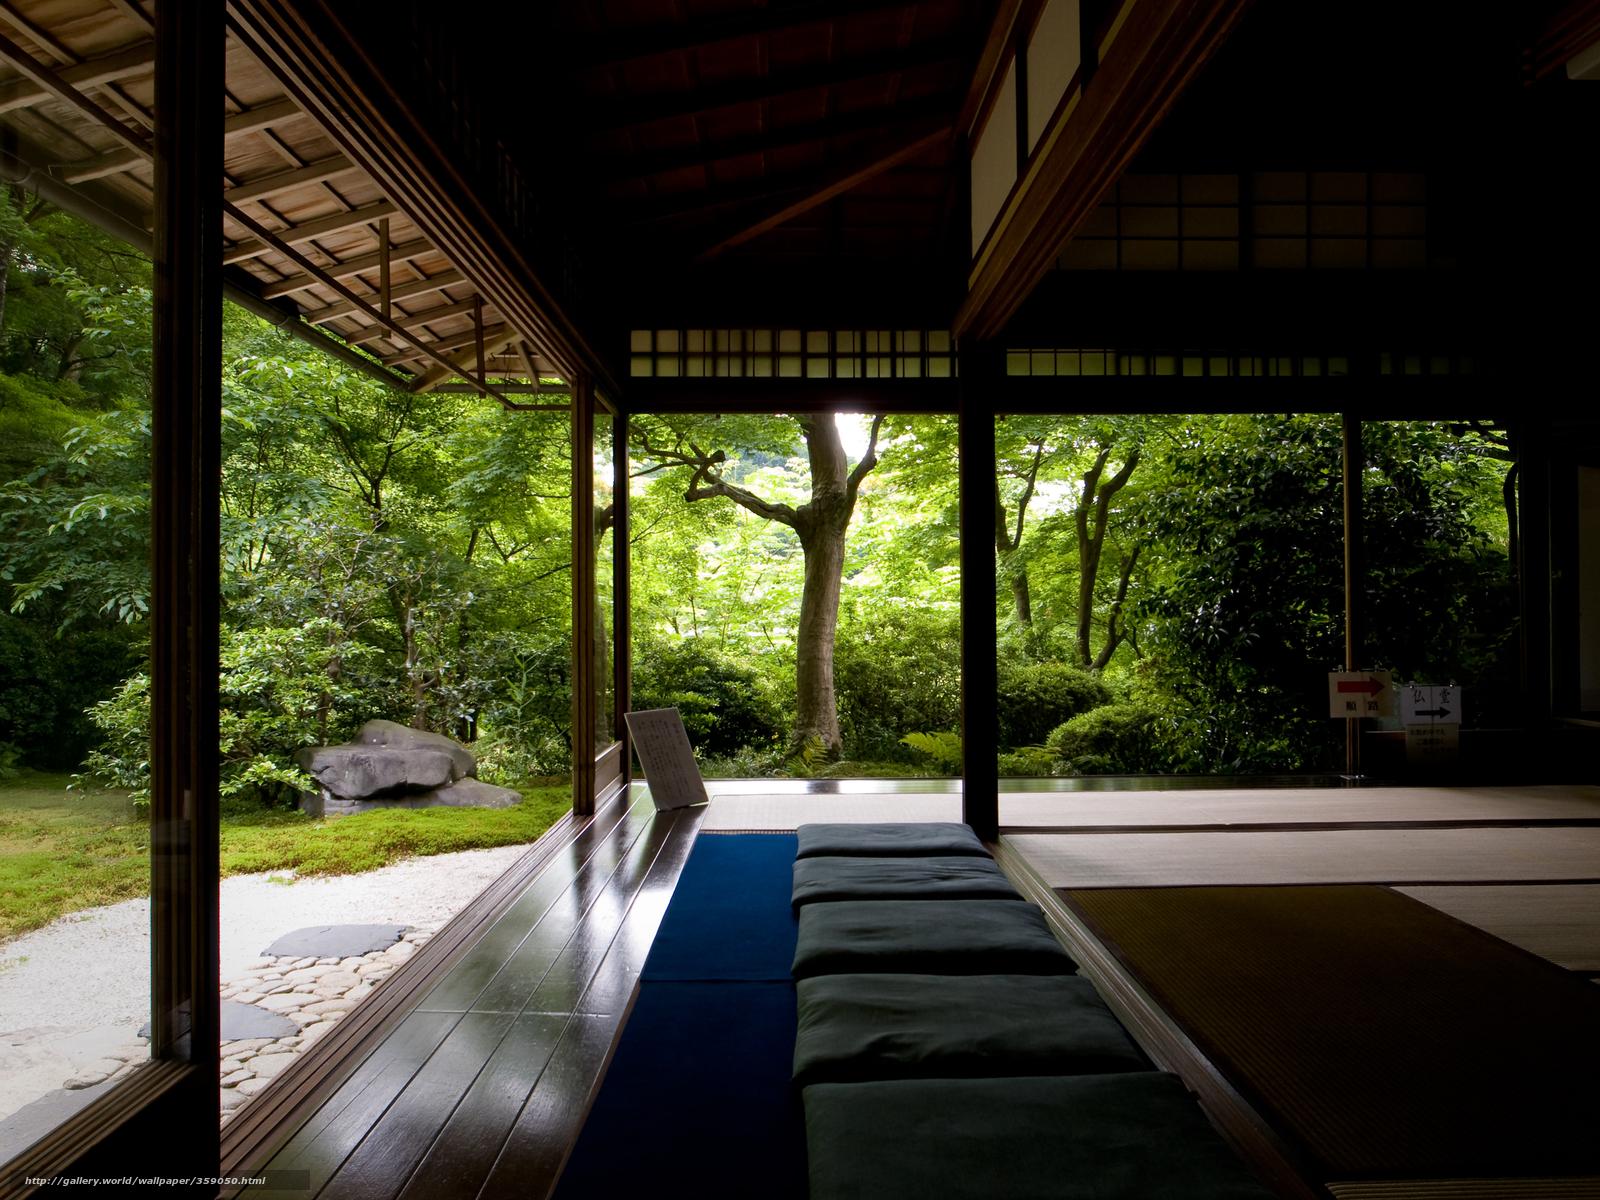 Download wallpaper forest temple Trees Zen desktop wallpaper 1600x1200